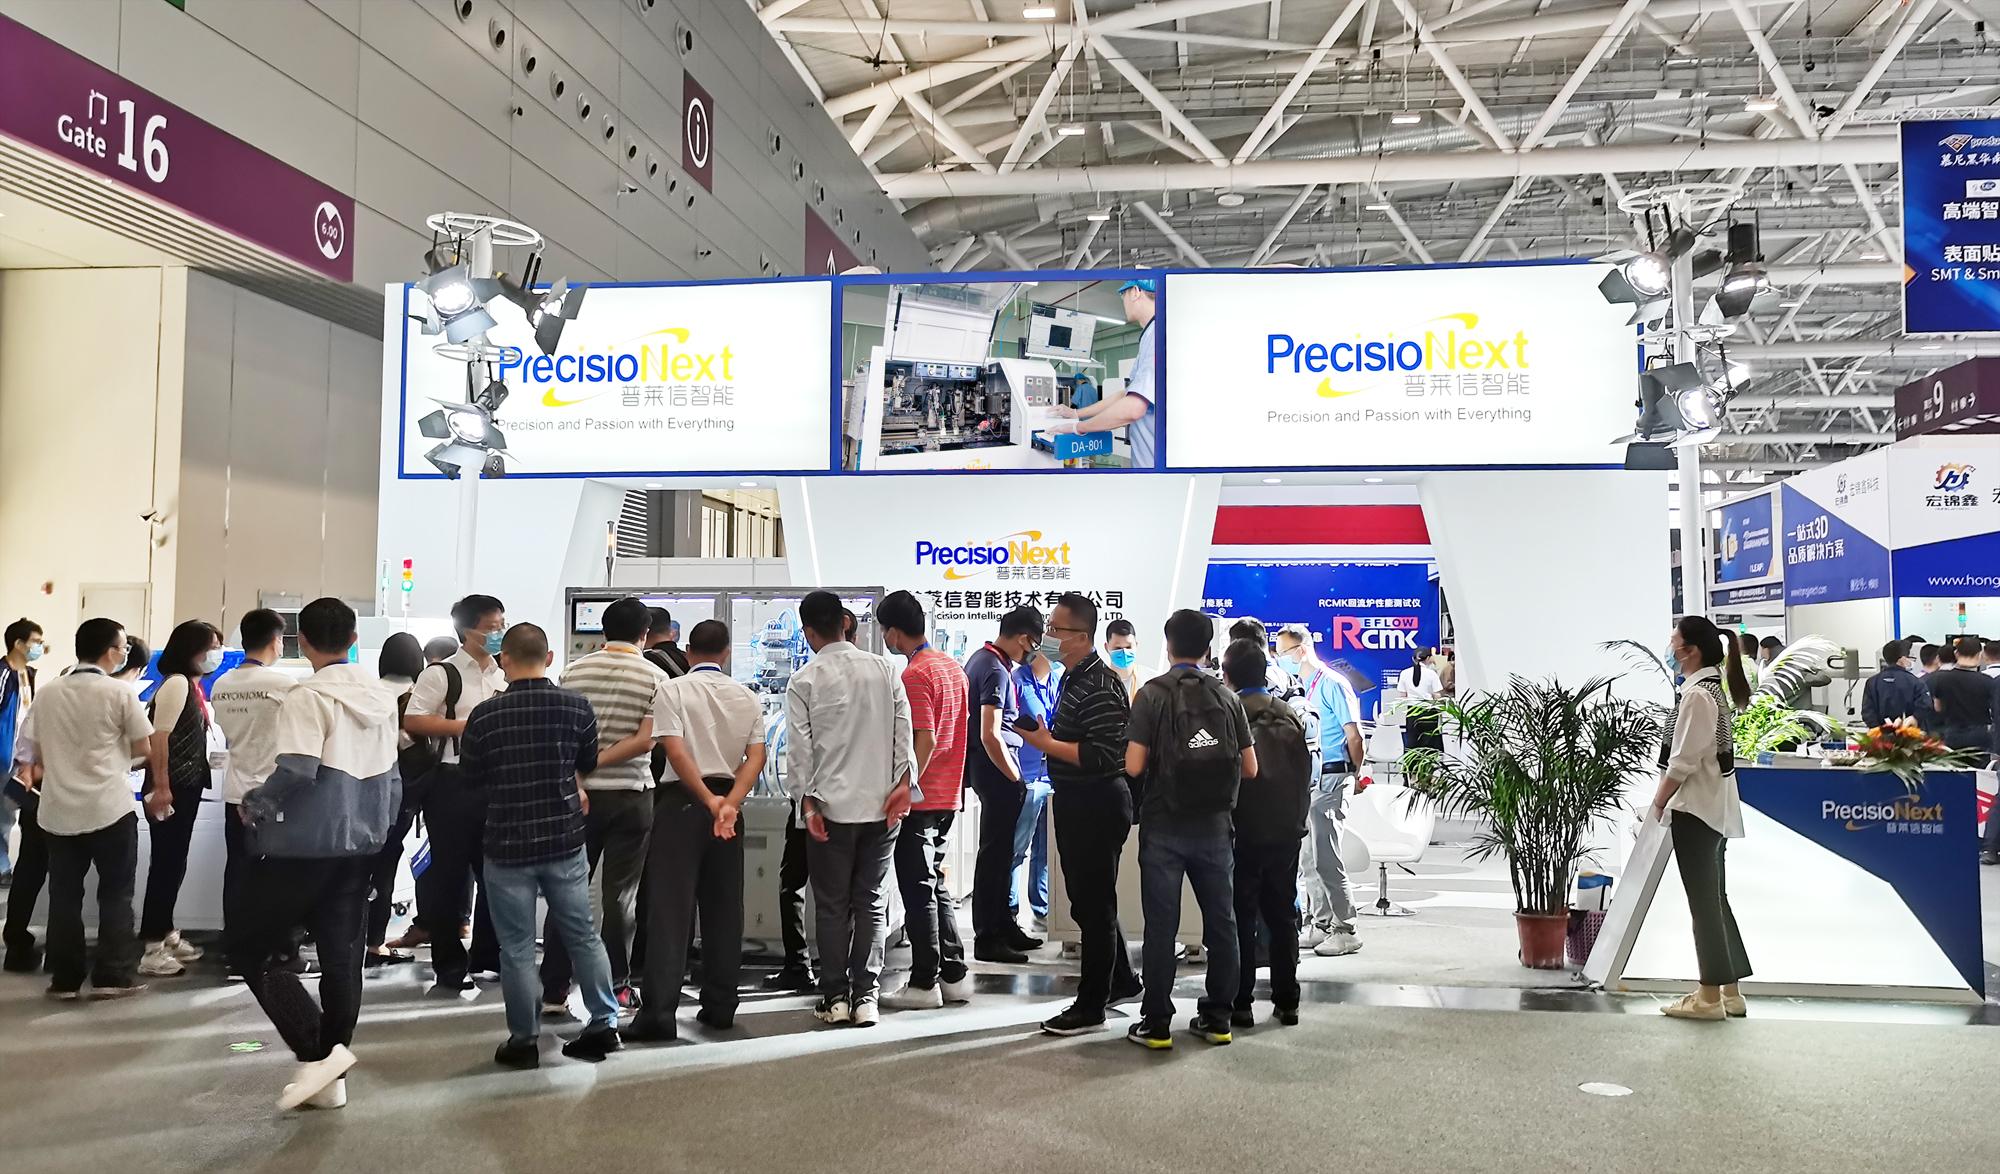 慕尼黑华南电子展在深圳国际会展中心隆重举行